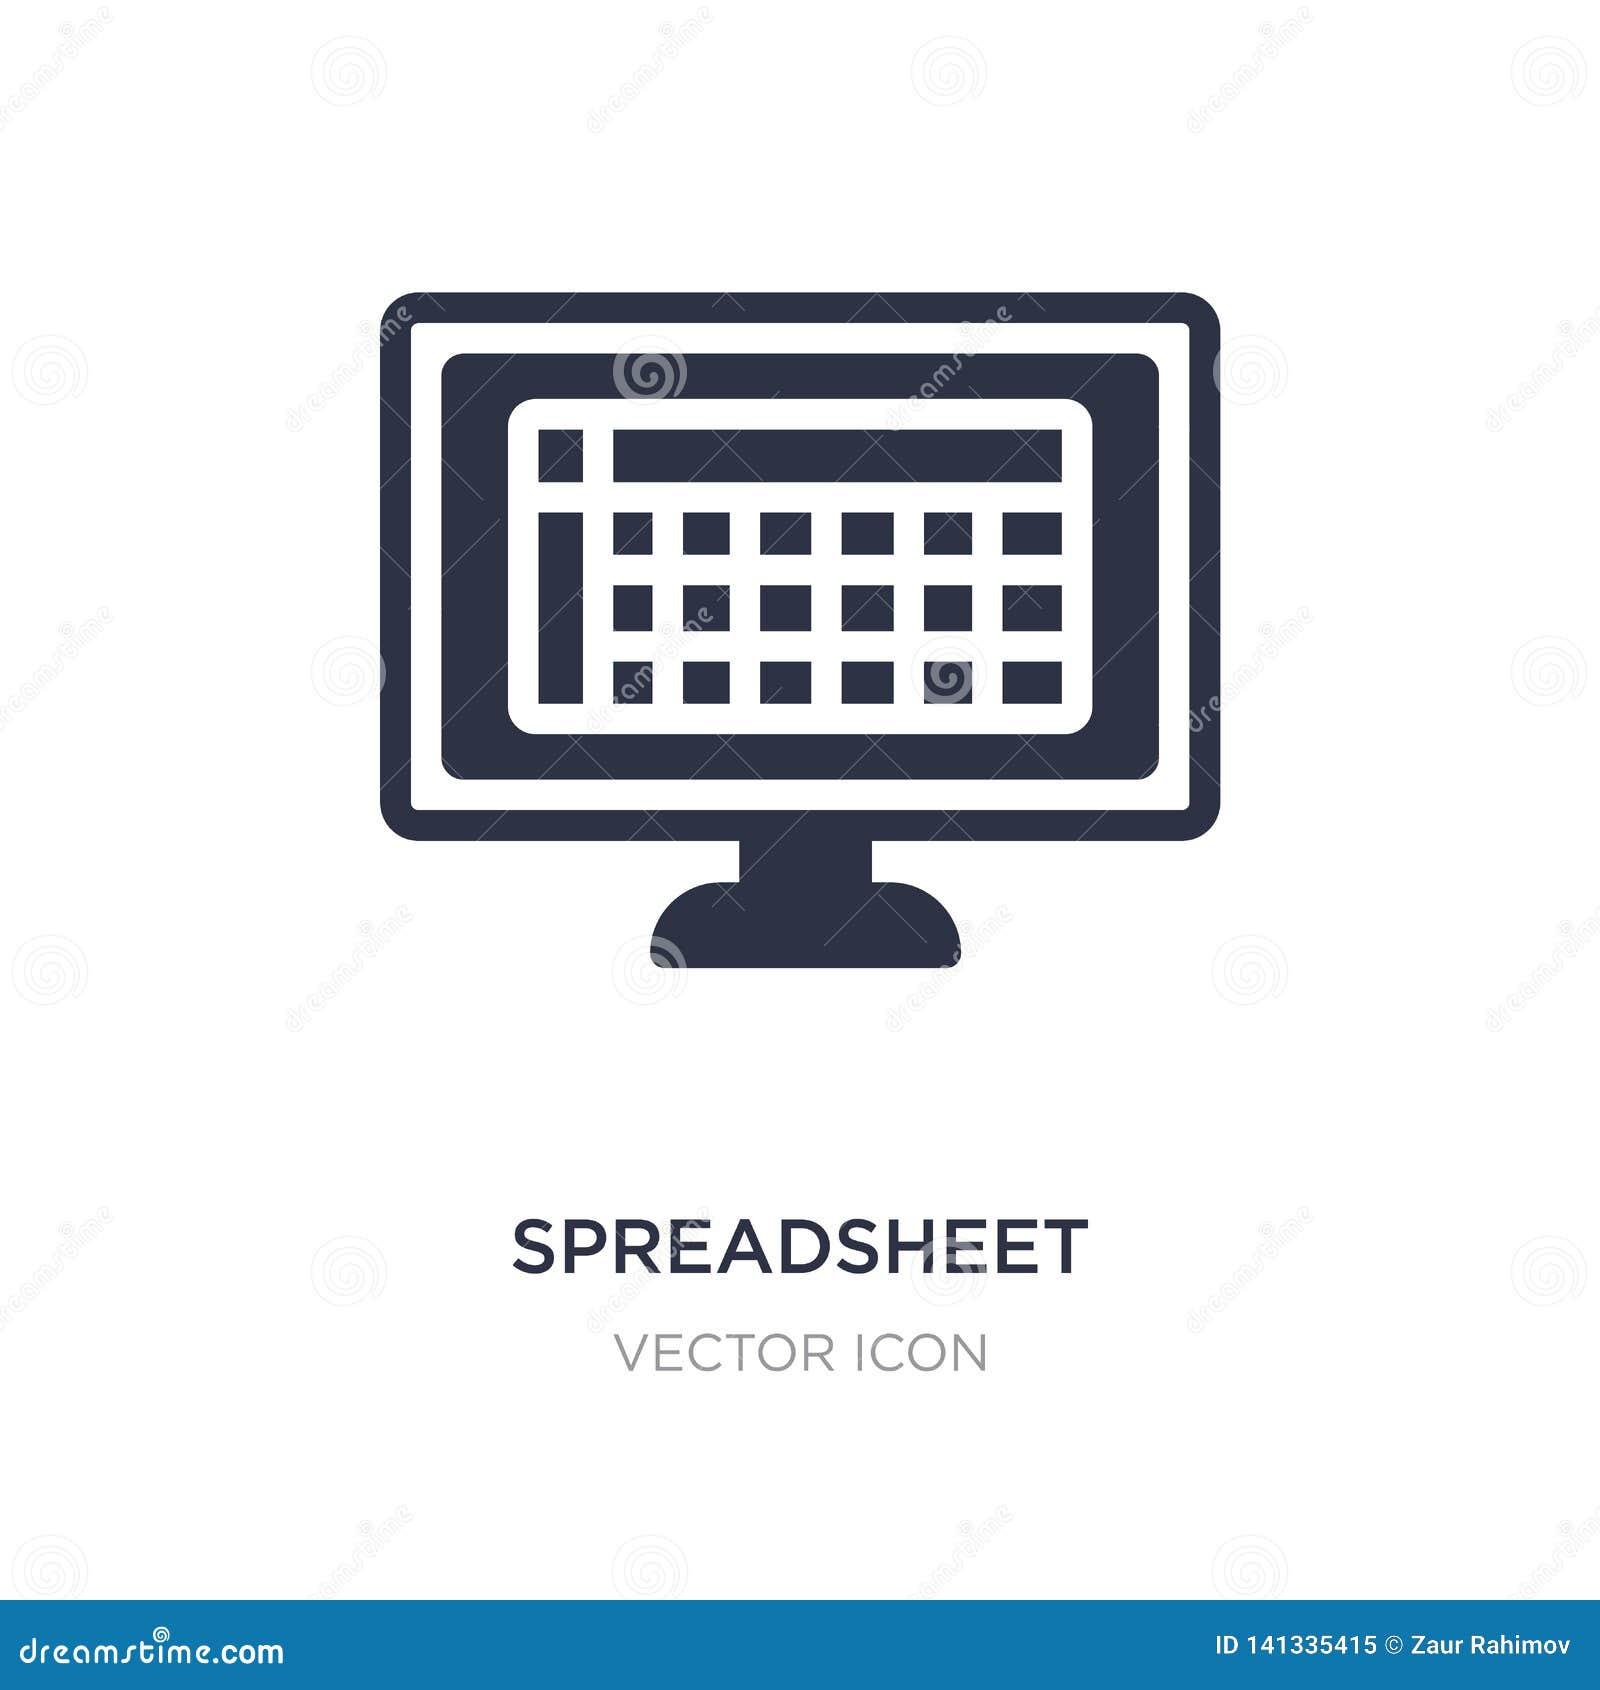 εικονίδιο υπολογισμών με λογιστικό φύλλο (spreadsheet) στο άσπρο υπόβαθρο Απλή απεικόνιση στοιχείων από την έννοια τεχνολογίας